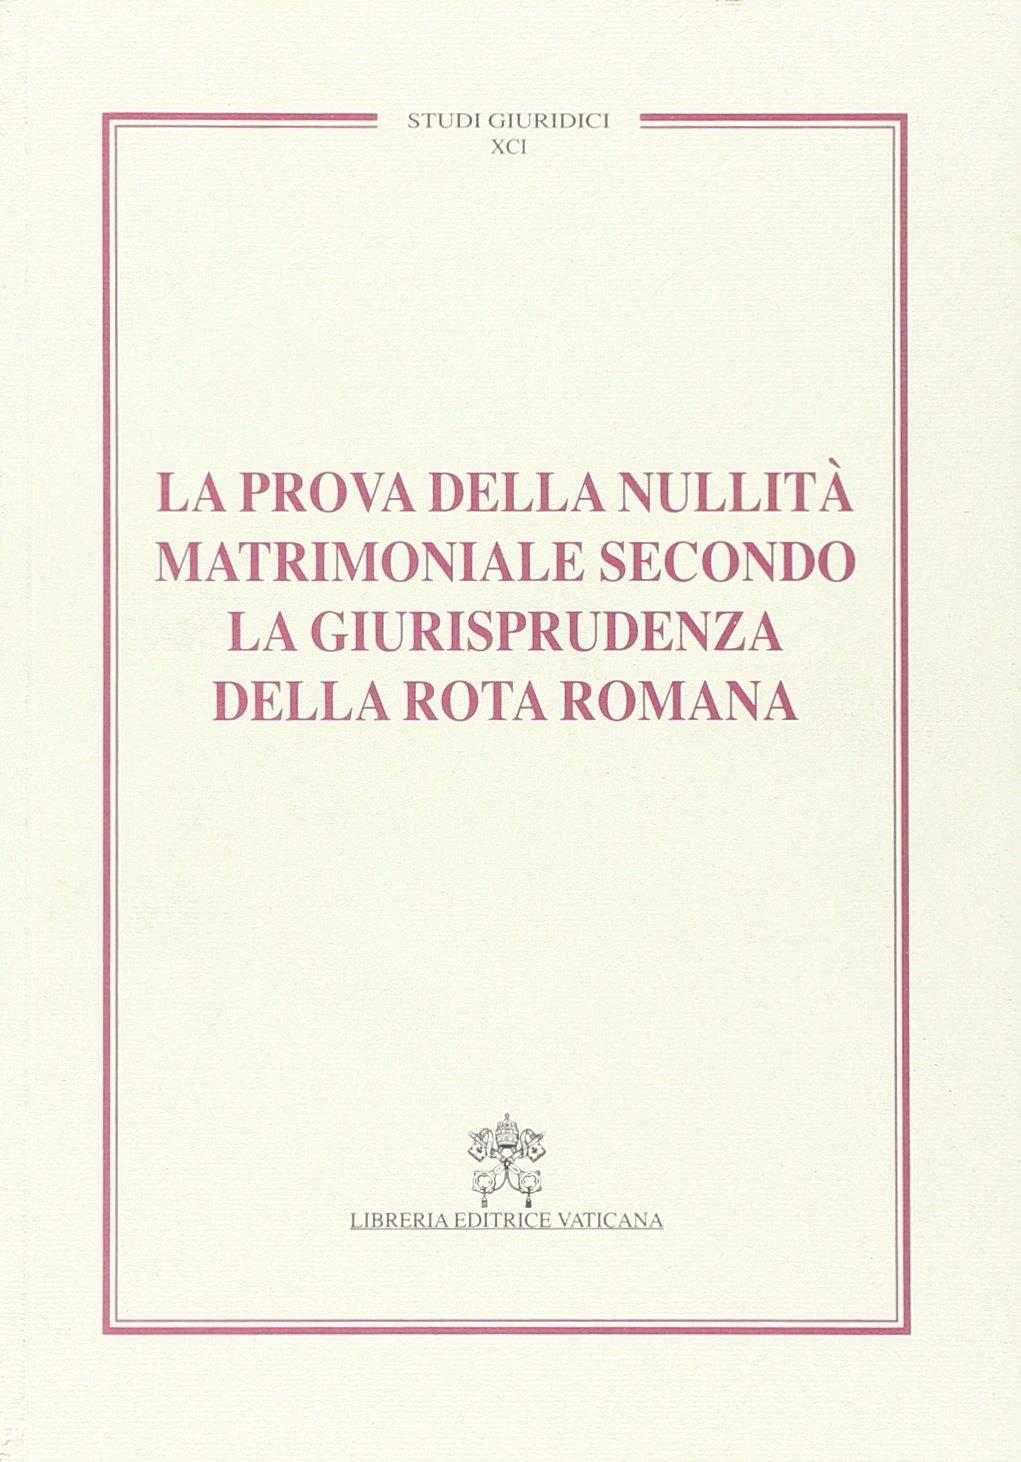 La prova della nullità matrimoniale secondo la giurisprudenza della Rota romana. Studi giuridici. Vol. 91